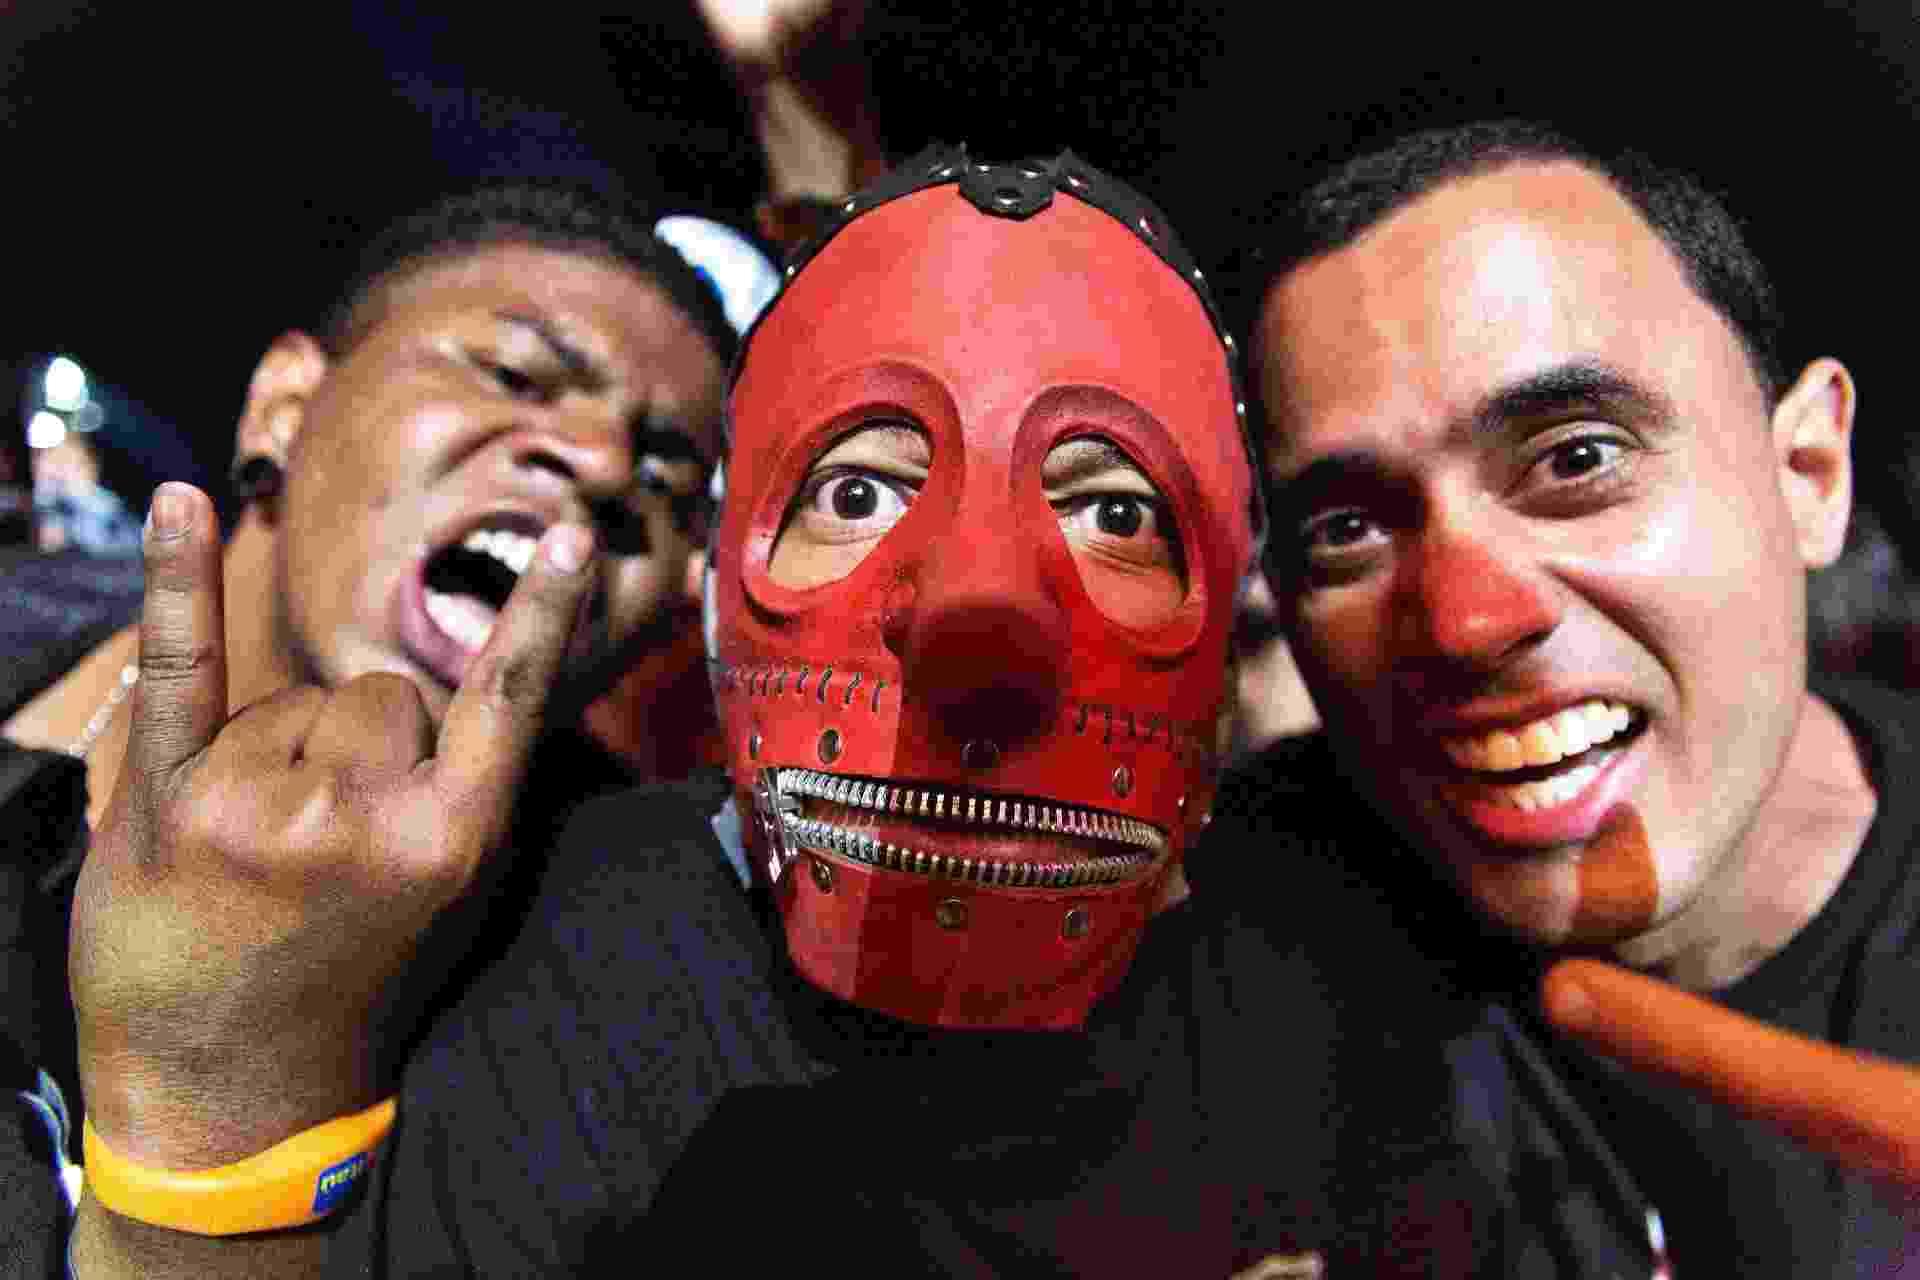 25.set.2015 - Fã com máscara do Slipknot assiste a show do De la Tierra no quinto dia do Rock in Rio 2015 - Paulo Campos/Agência Estado